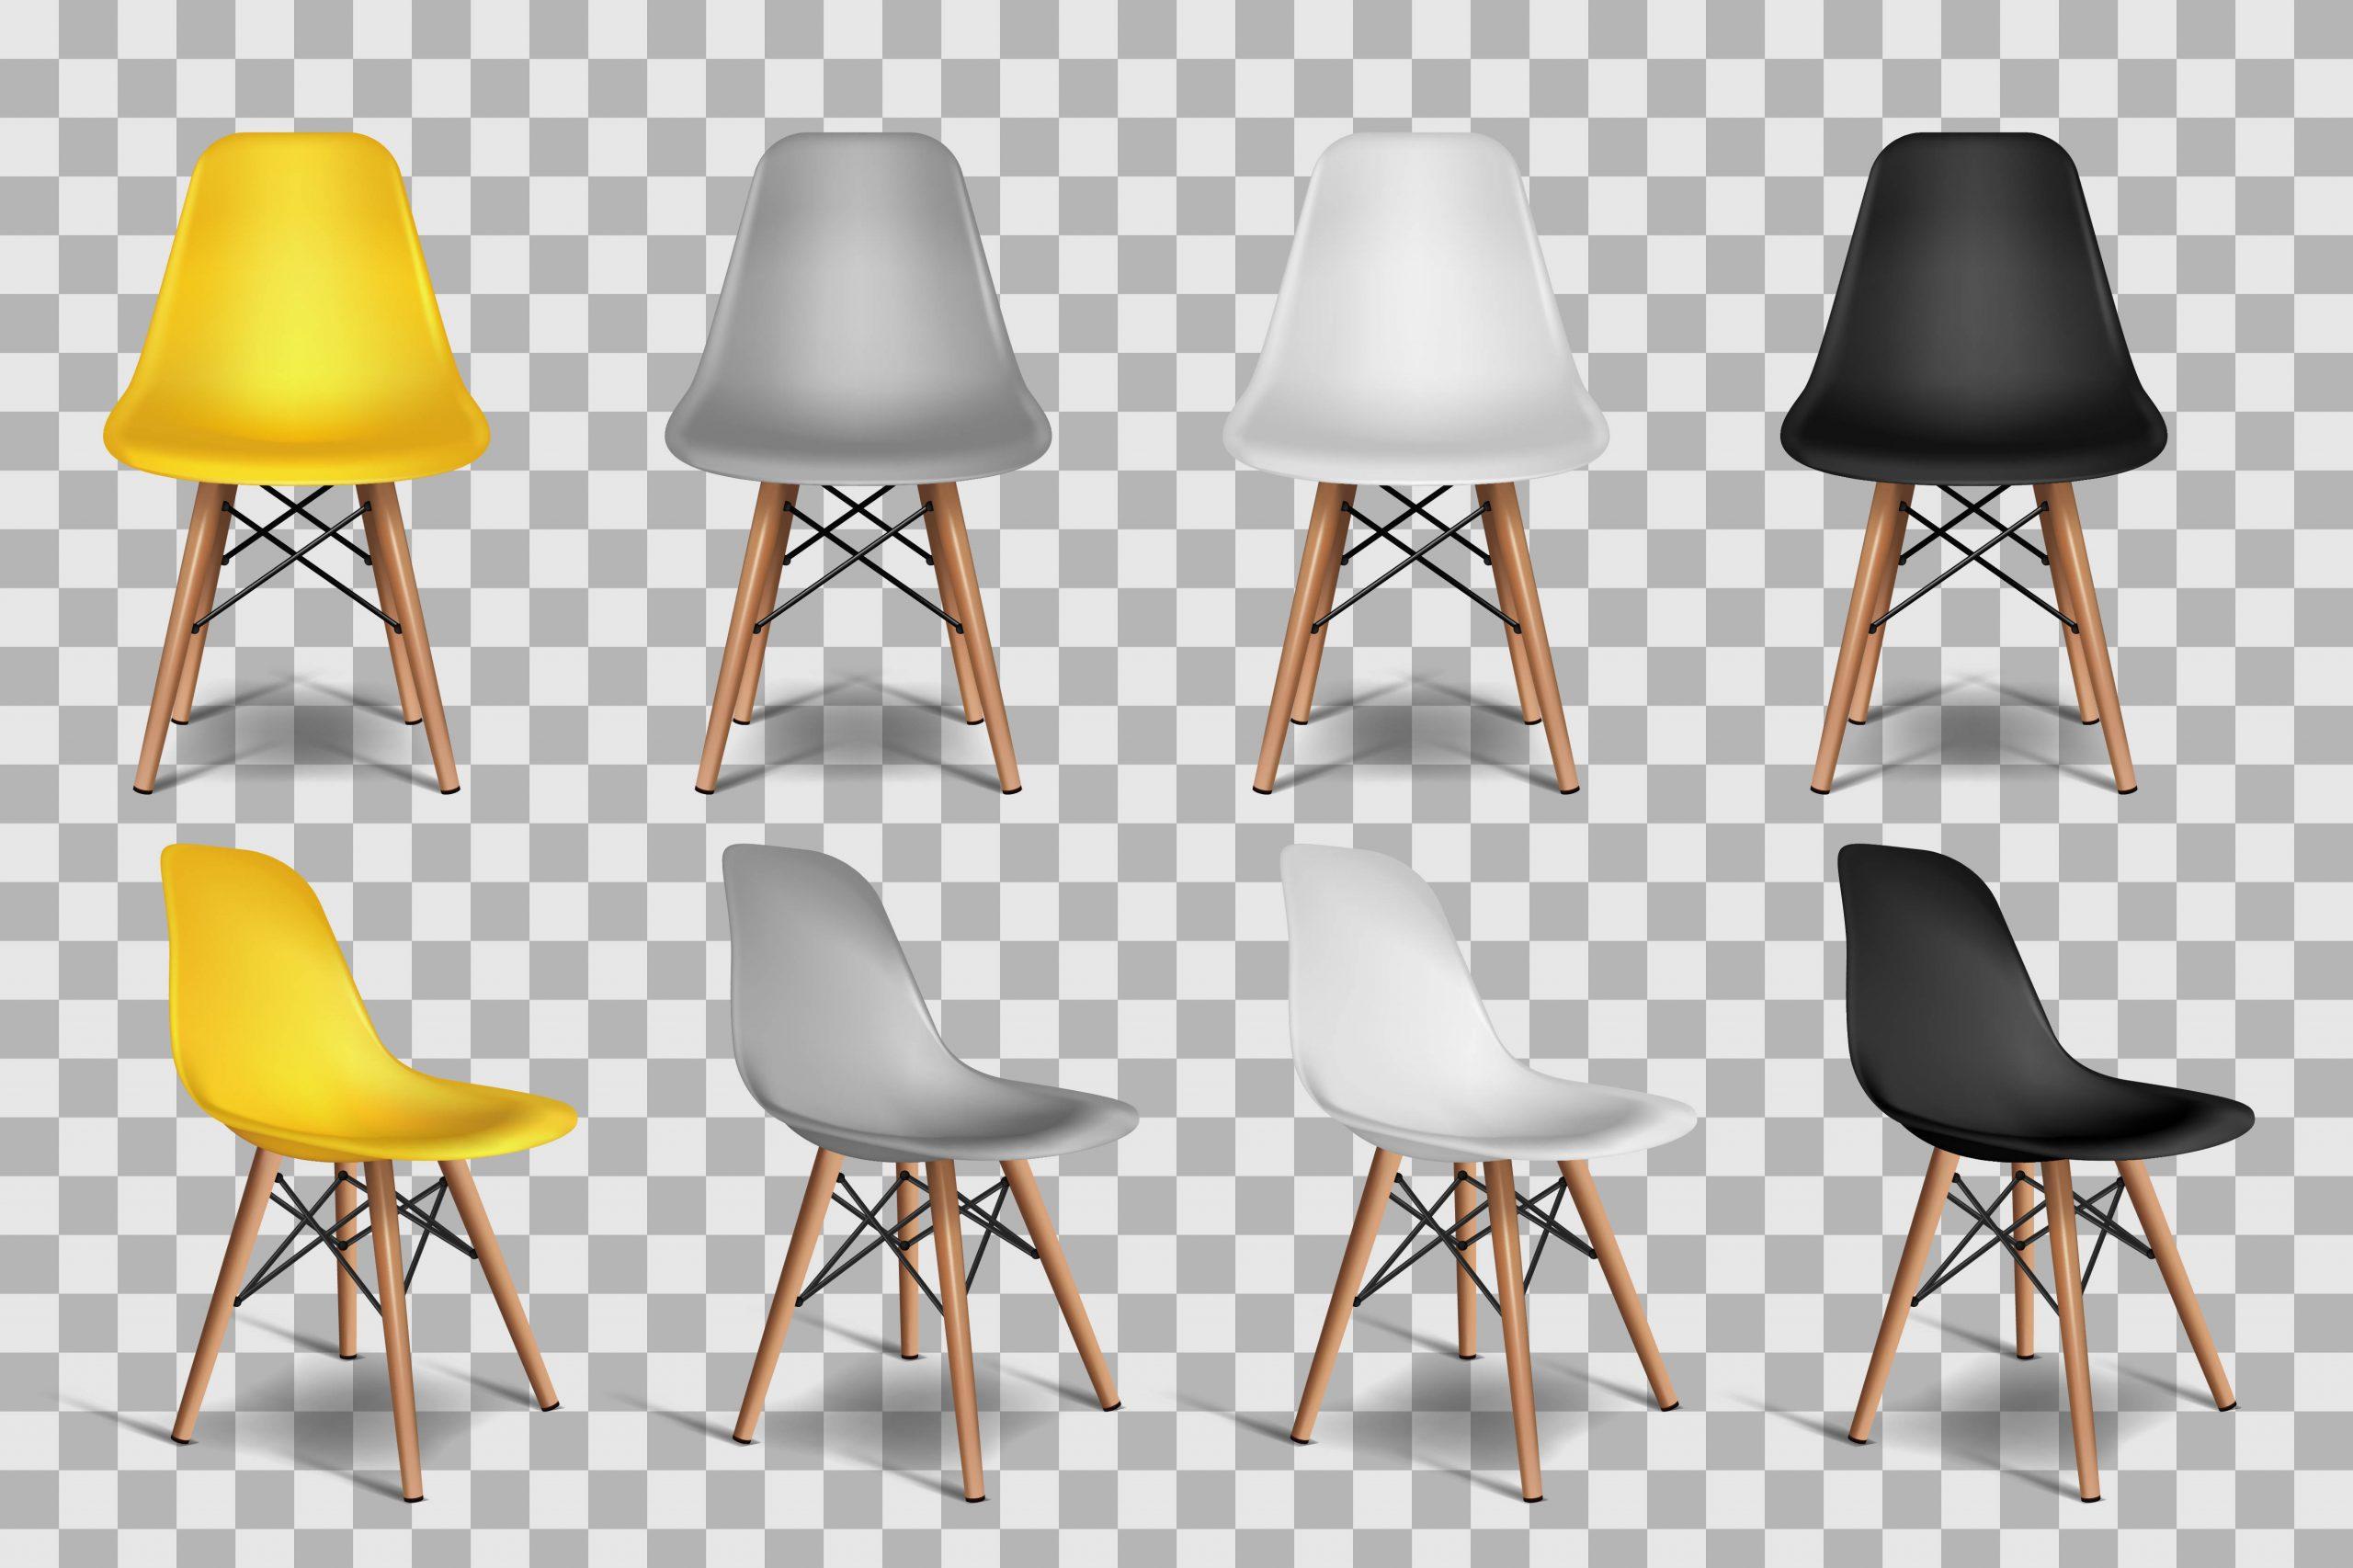 Una y tres sillas, arte conceptual en estado puro